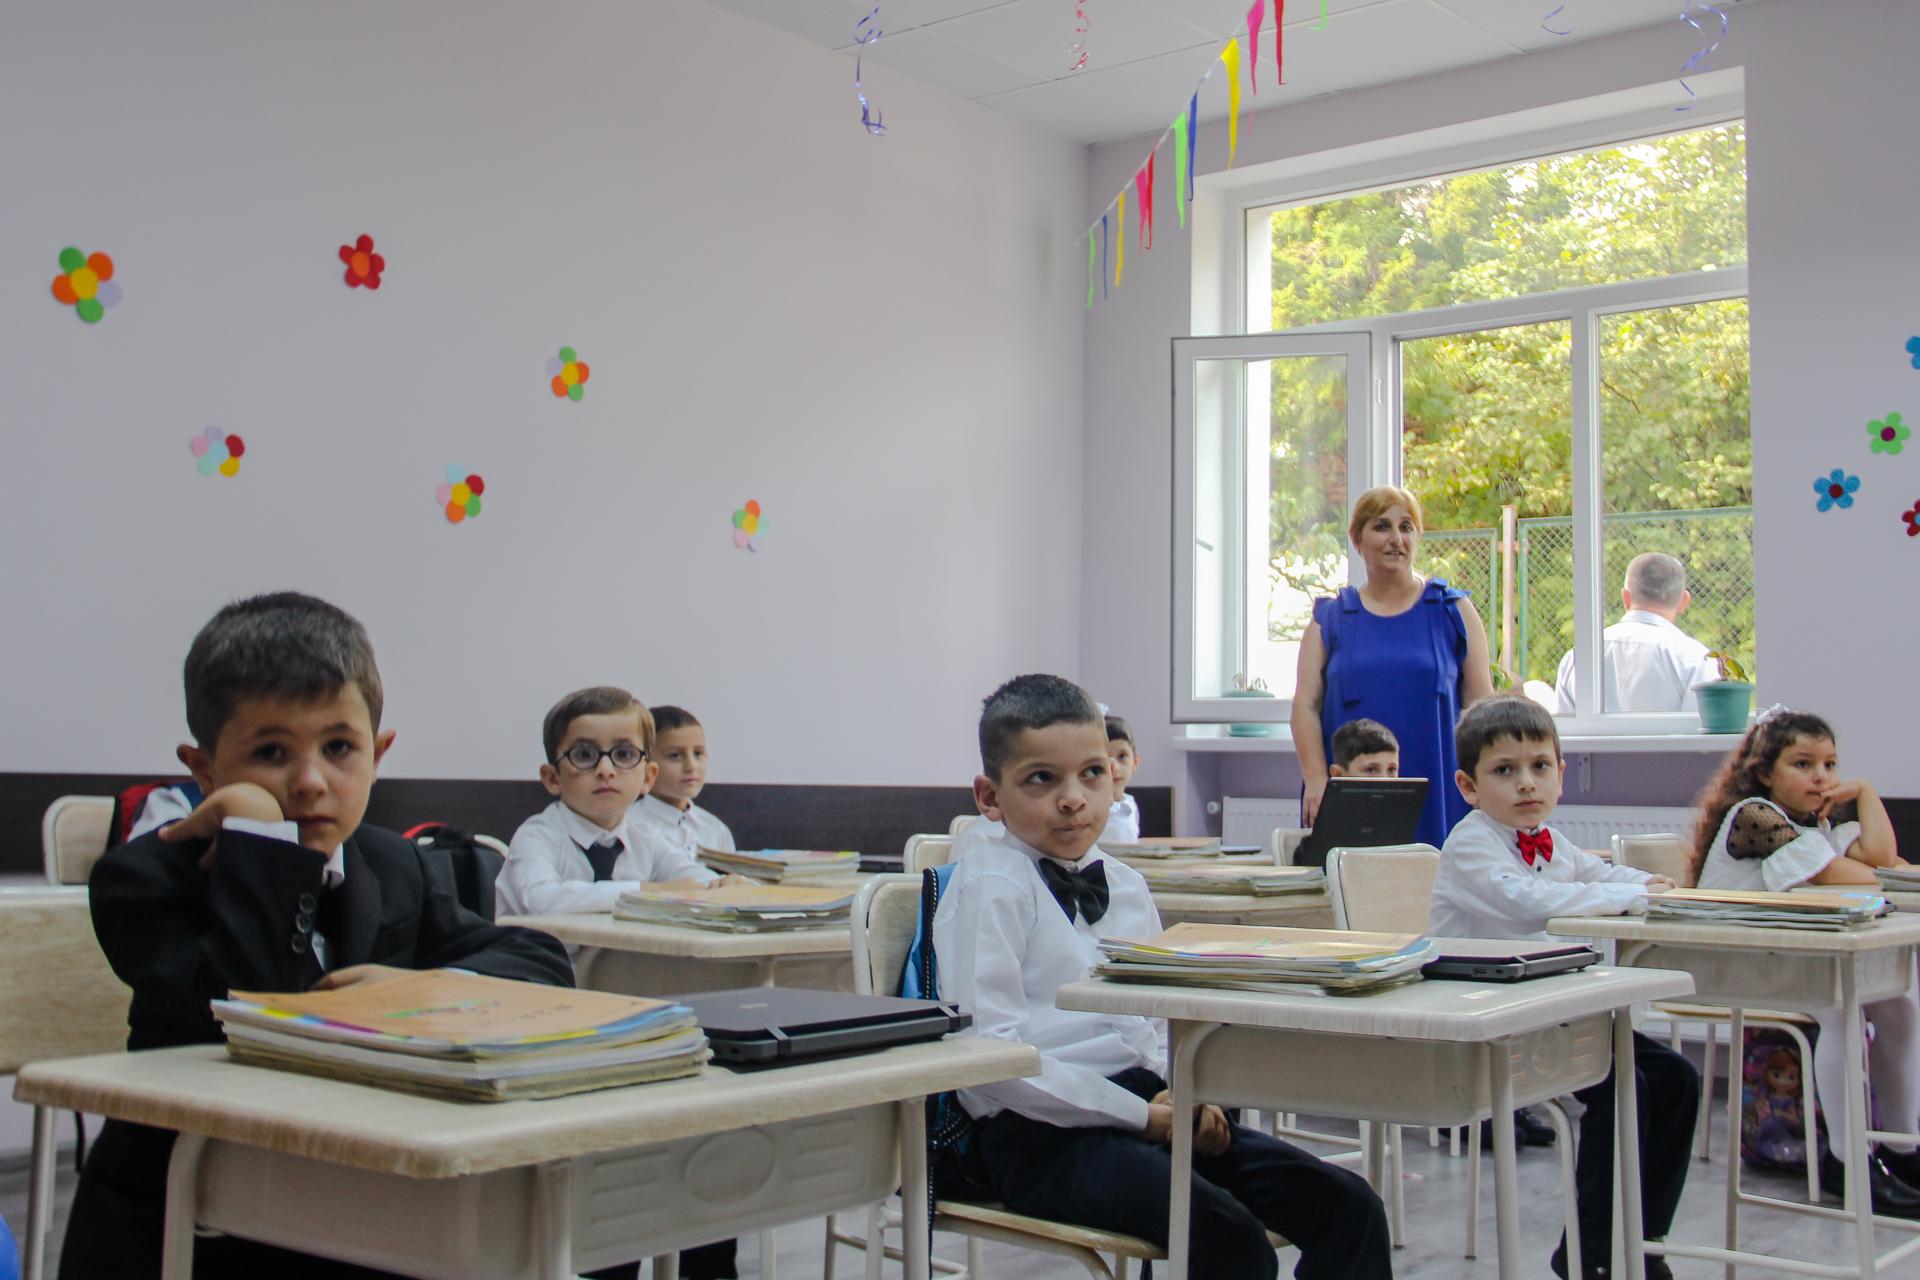 თორნიკე რიჟვაძემ სასწავლო წლის დაწყება ლეღვას საჯაროს სკოლის მოსწავლეებს მიულოცა